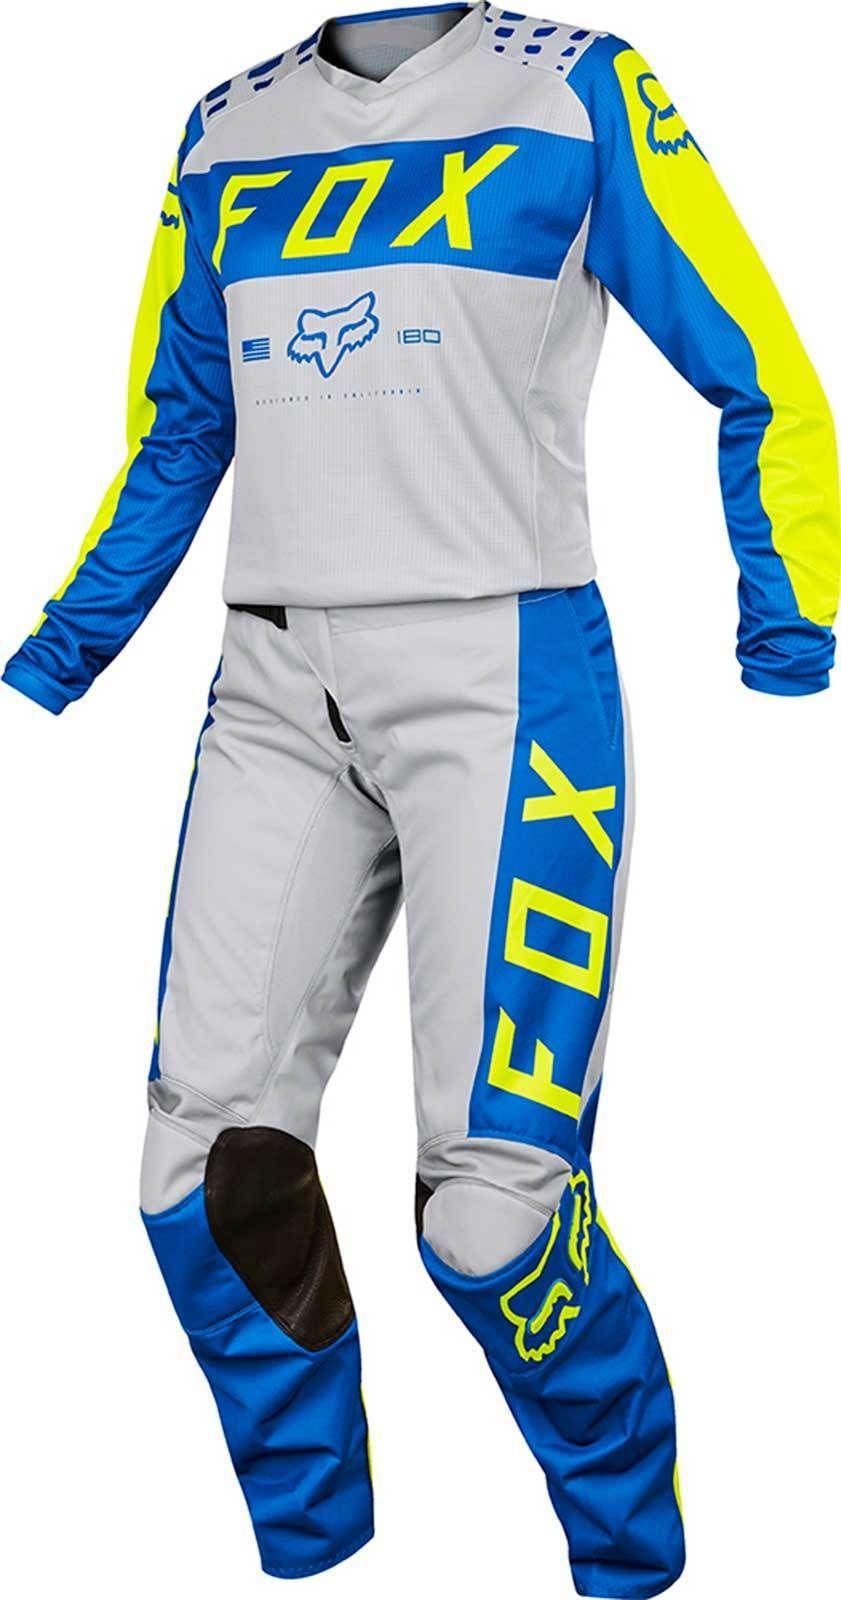 21a99b45d3f1f9 2017 Fox Racing Women'S 180 Combo - Motocross Mx Atv Dirt Bike Gear Jersey  Pant